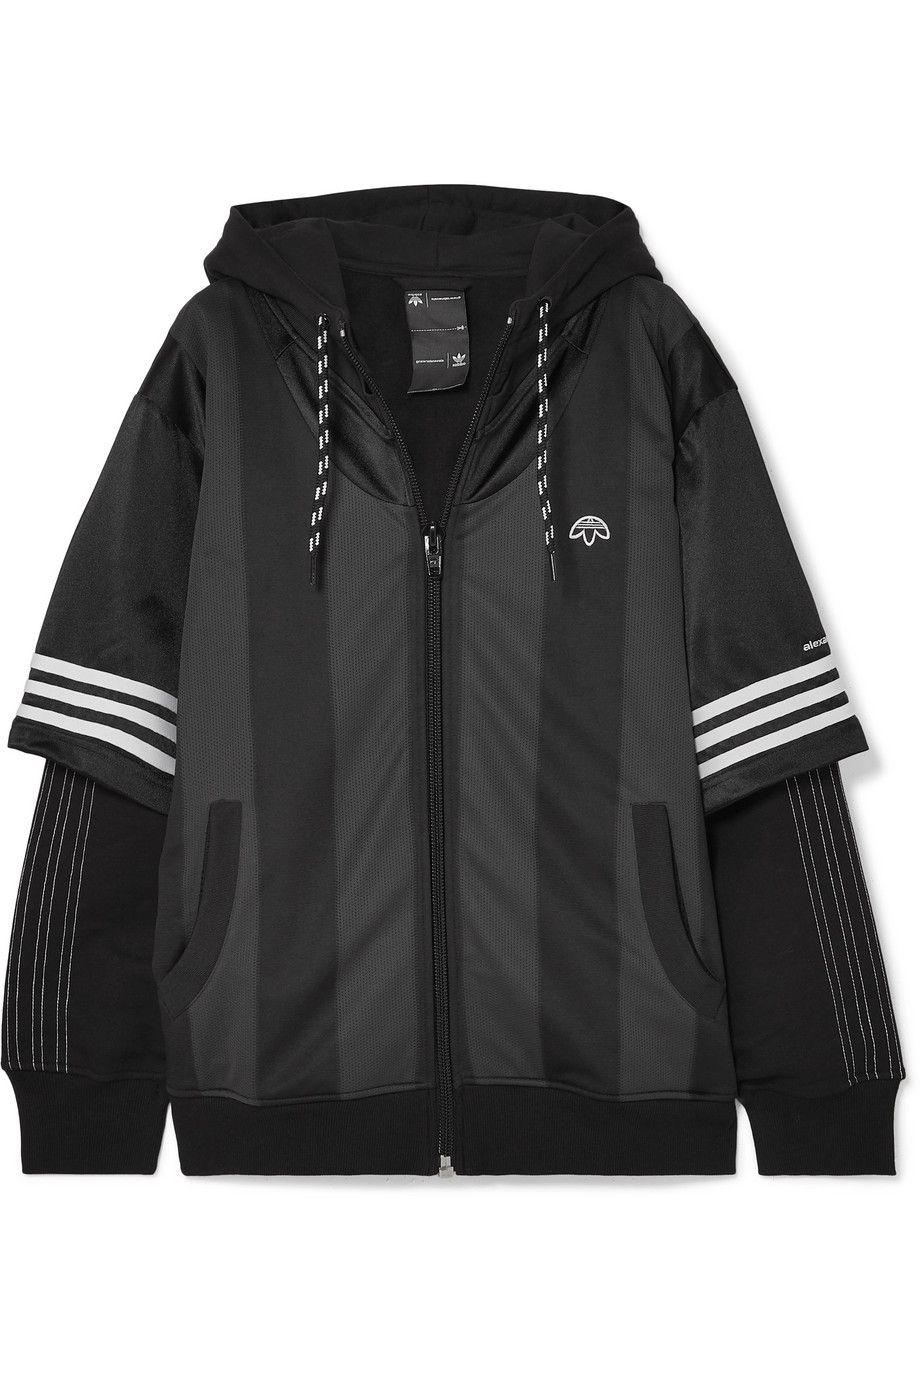 implicar Creo que mareado  Adidas Originals By Alexander Wang | Hooded layered fleece, mesh and  tech-jersey jacket | NET-A-PORTER.COM | Jersey jacket, Jackets, Alexander  wang